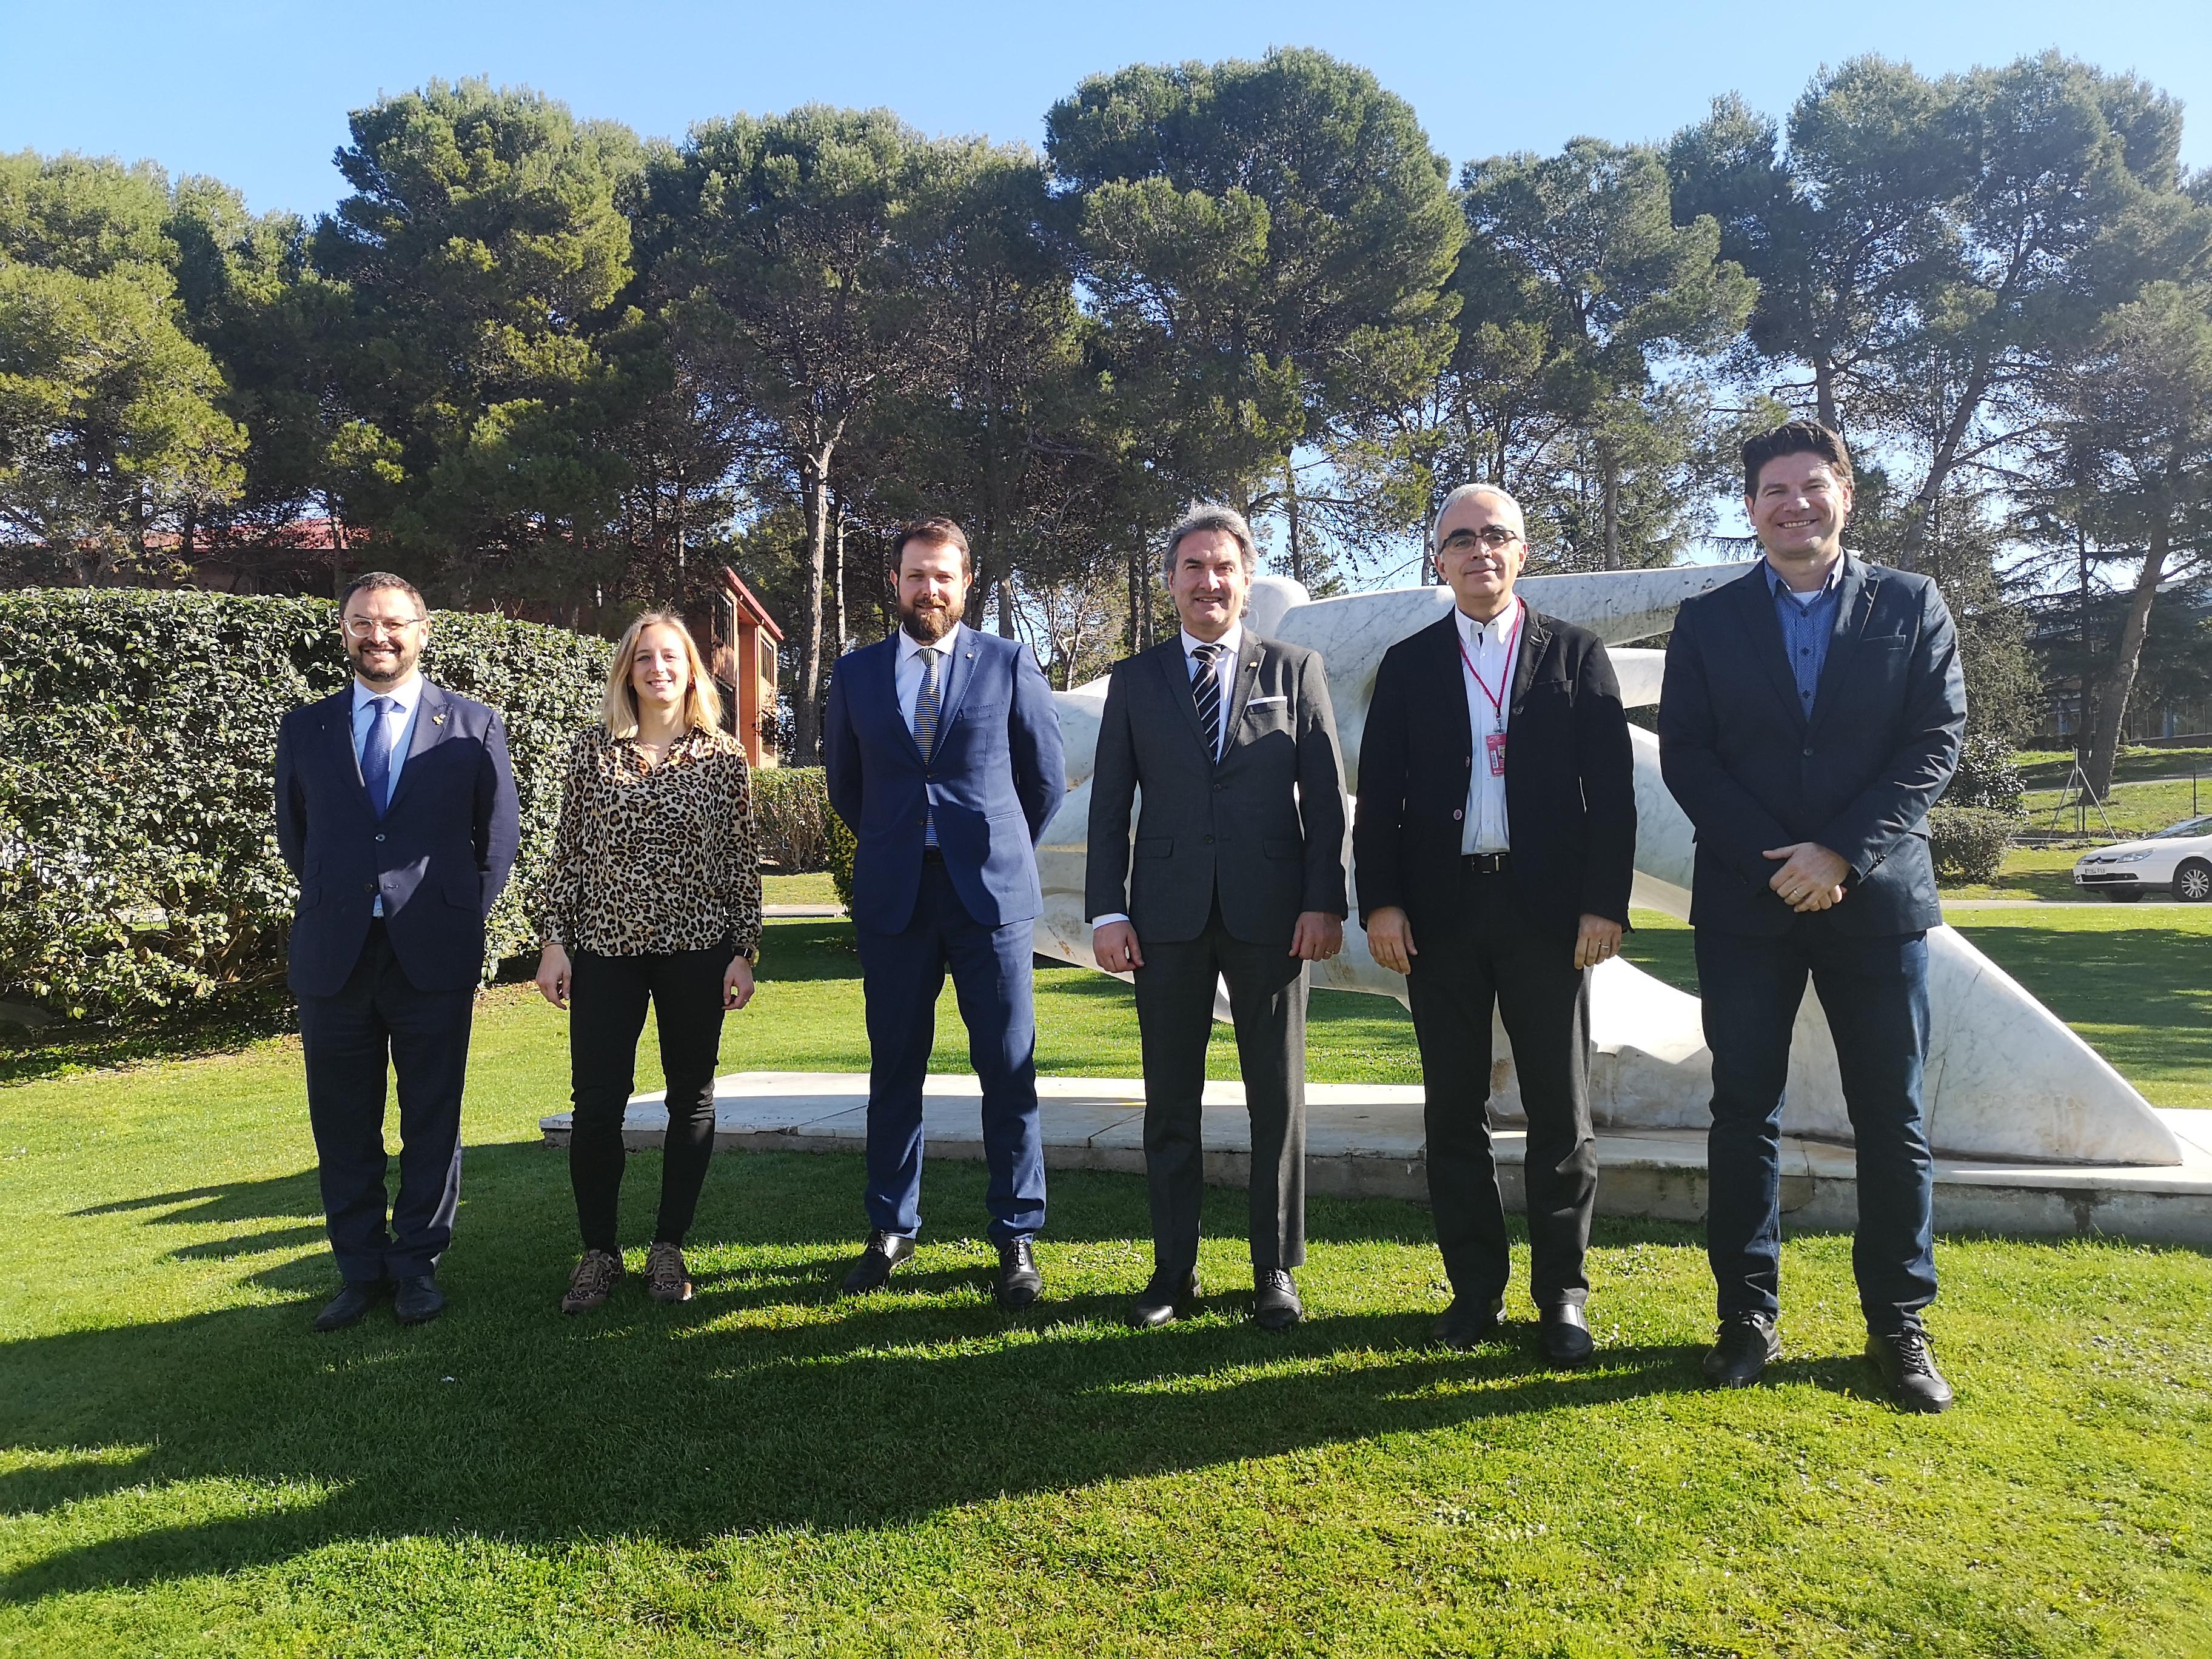 Esports signarà un conveni de col·laboració amb Catalunya per compartir instal·lacions